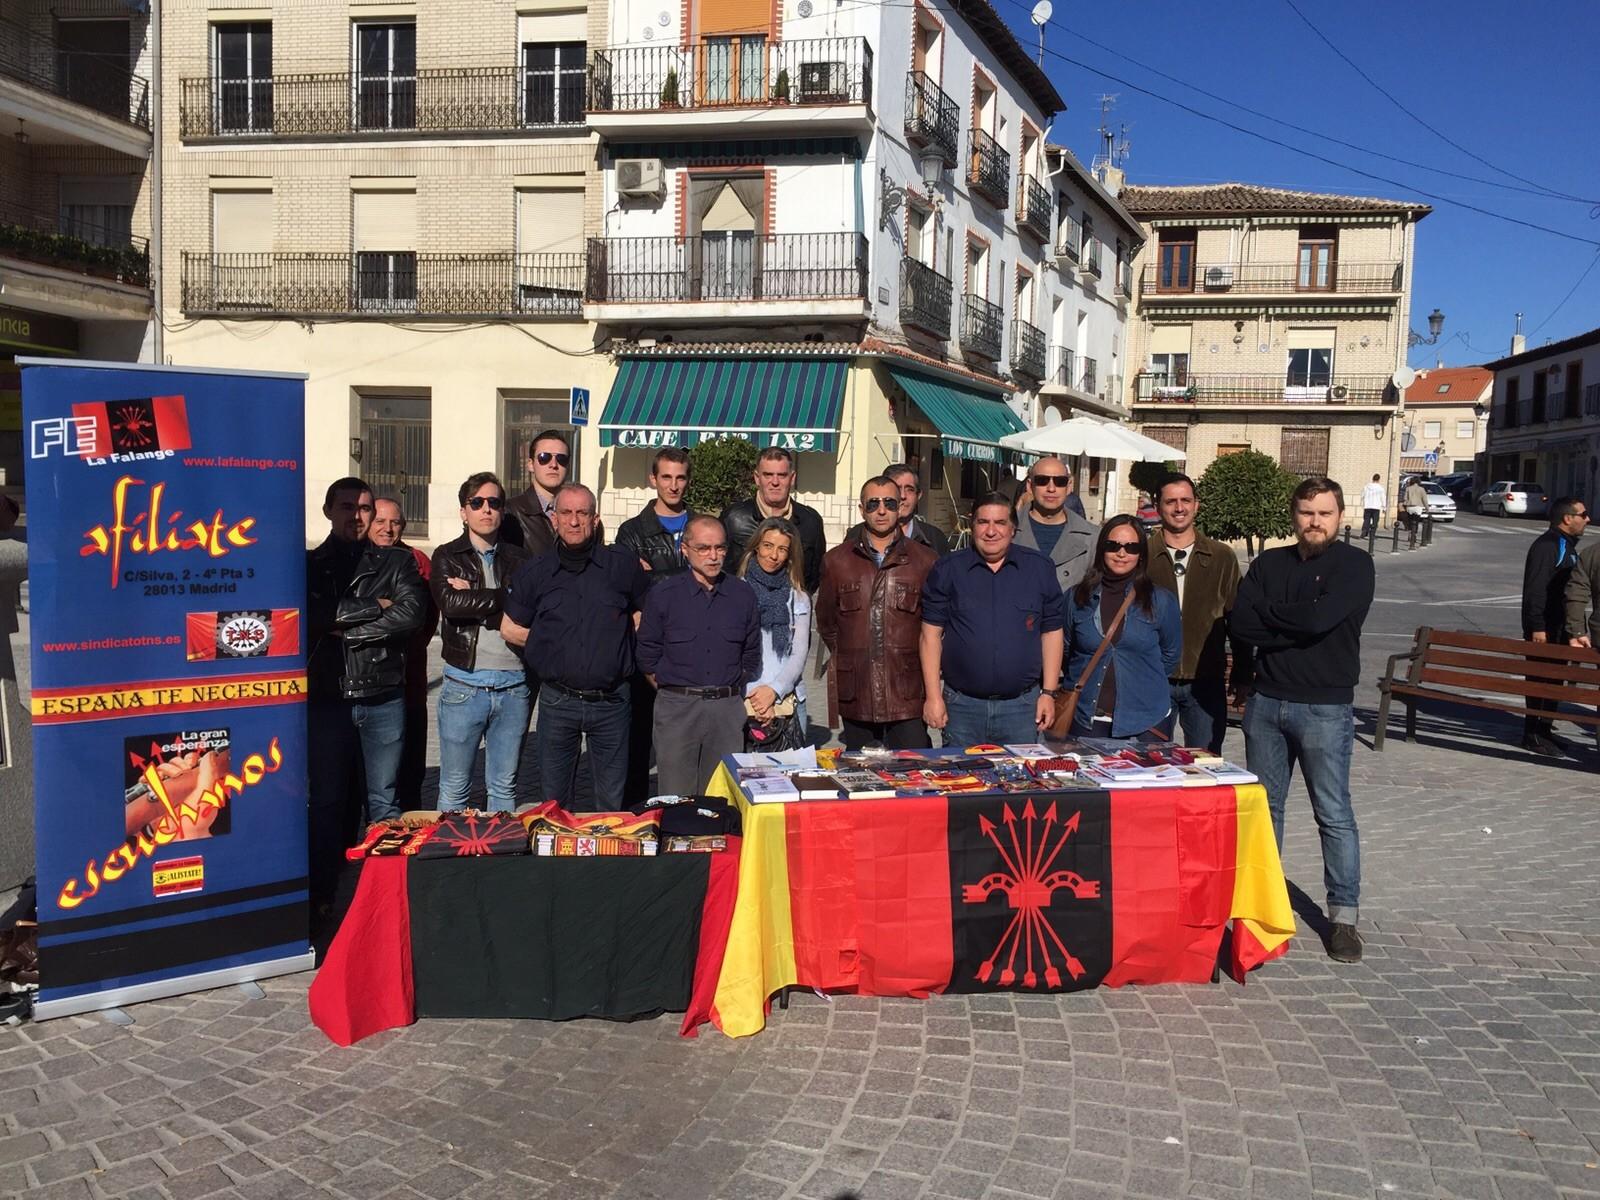 Puesto de propaganda en Morata de Tajuña y visita a la sede comarcal de Falange Española